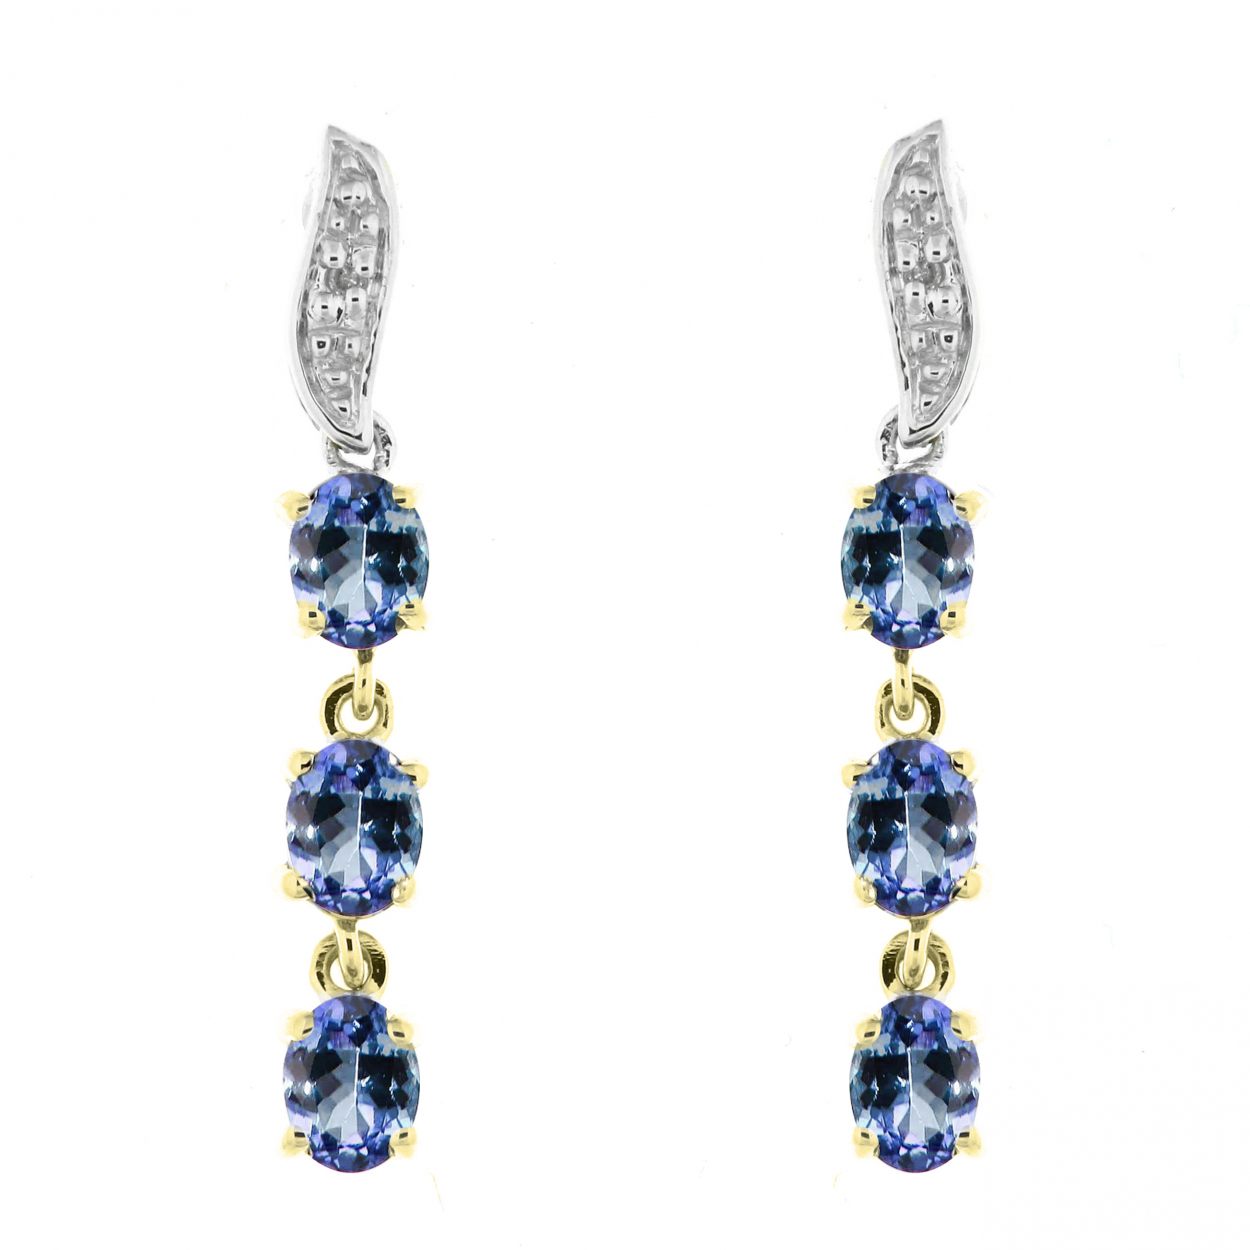 0c8efda4879 Boucles d oreilles Pendantes Or Jaune 375 Tanzanite et Diamant Ref ...